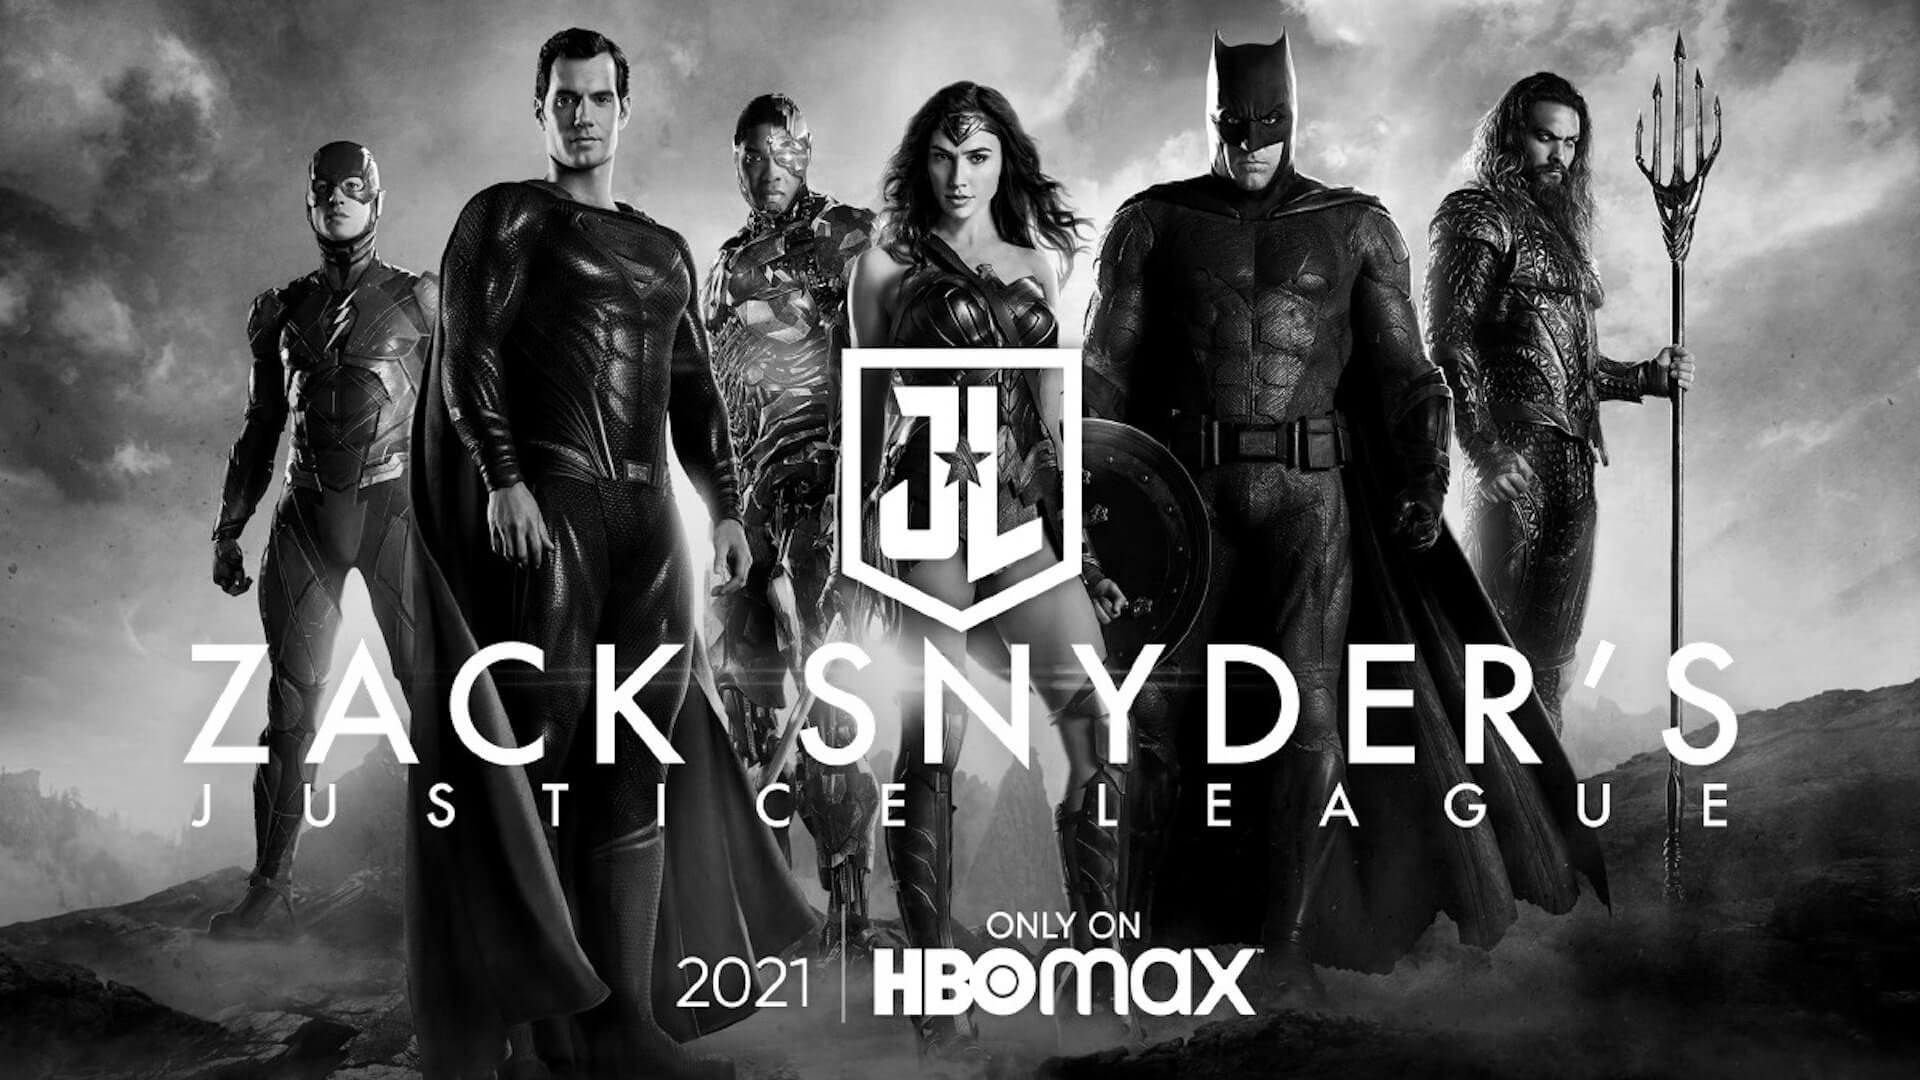 ついに解禁!4時間にも及ぶ『ジャスティス・リーグ』スナイダー・カット版が2021年HBO Maxで配信決定 film200521_justiceleague_1